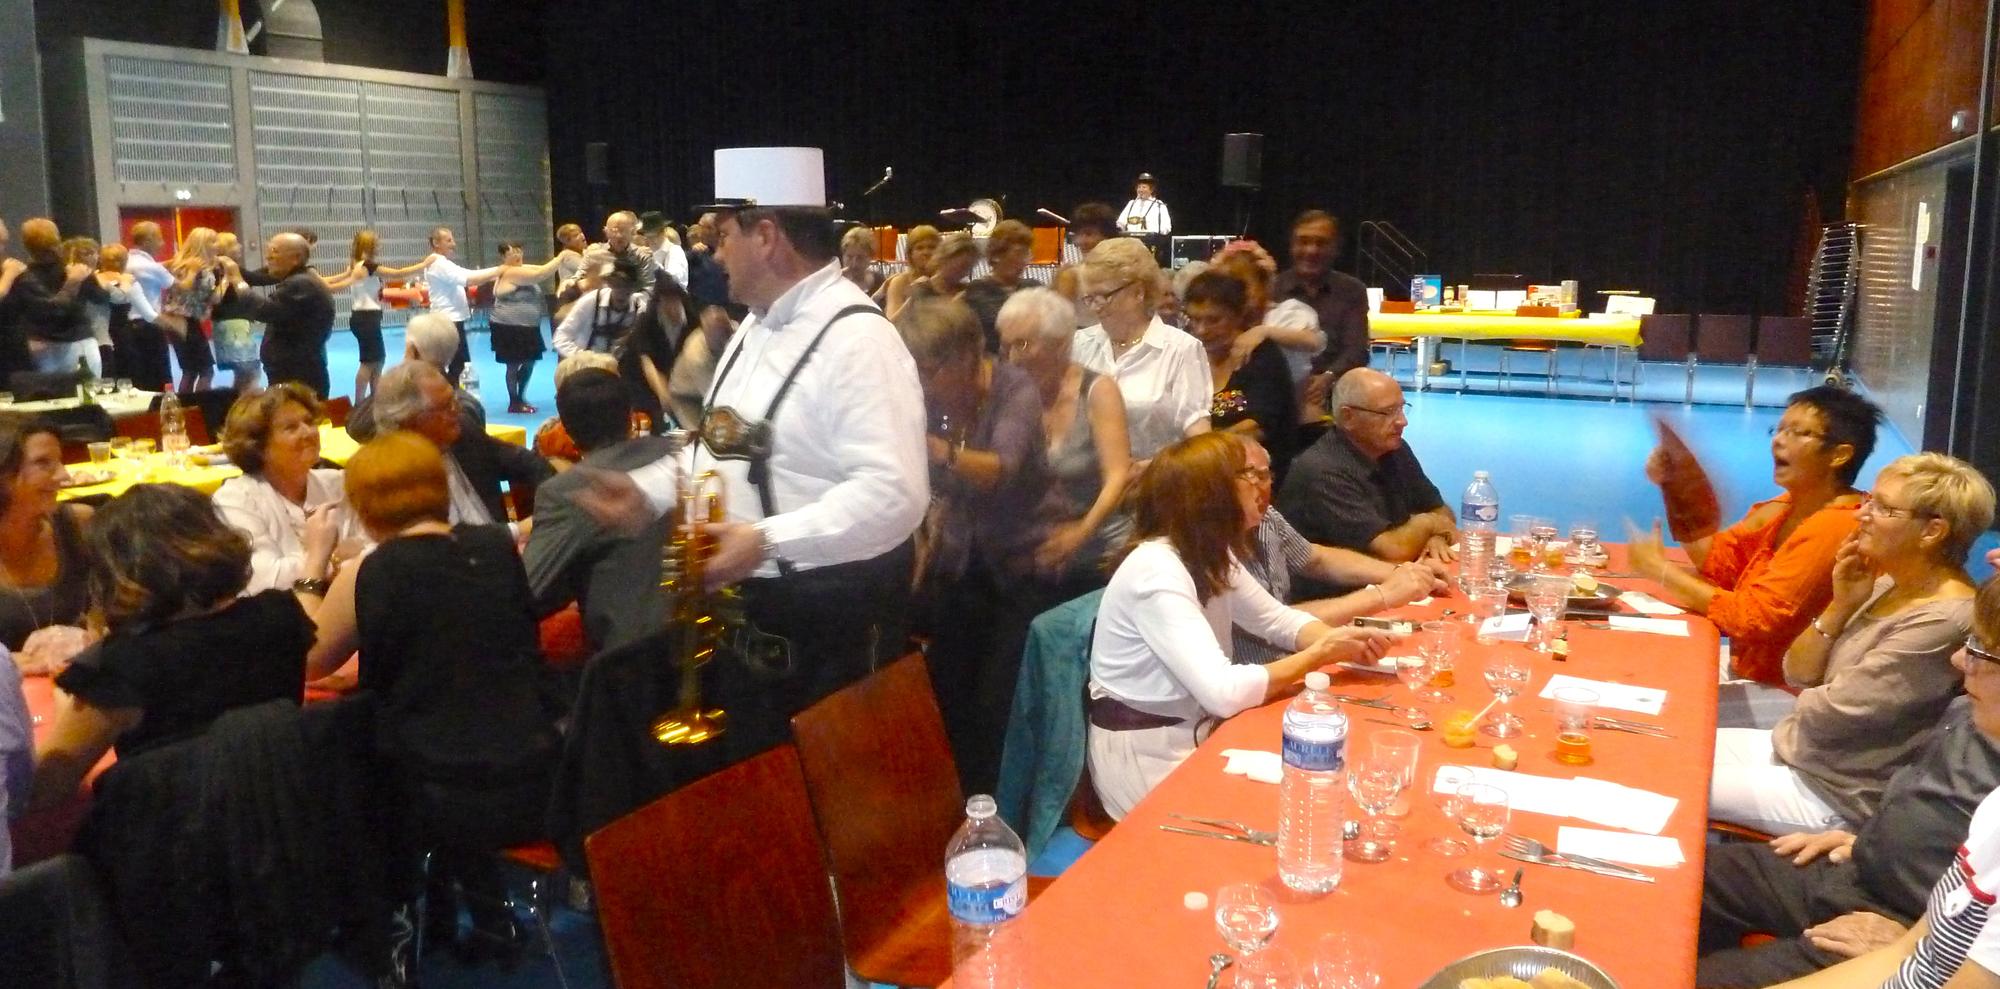 2b Lion's Club Pont à Mousson 29 septembre 2012 orchestre bavarois animation avec le public en chenille